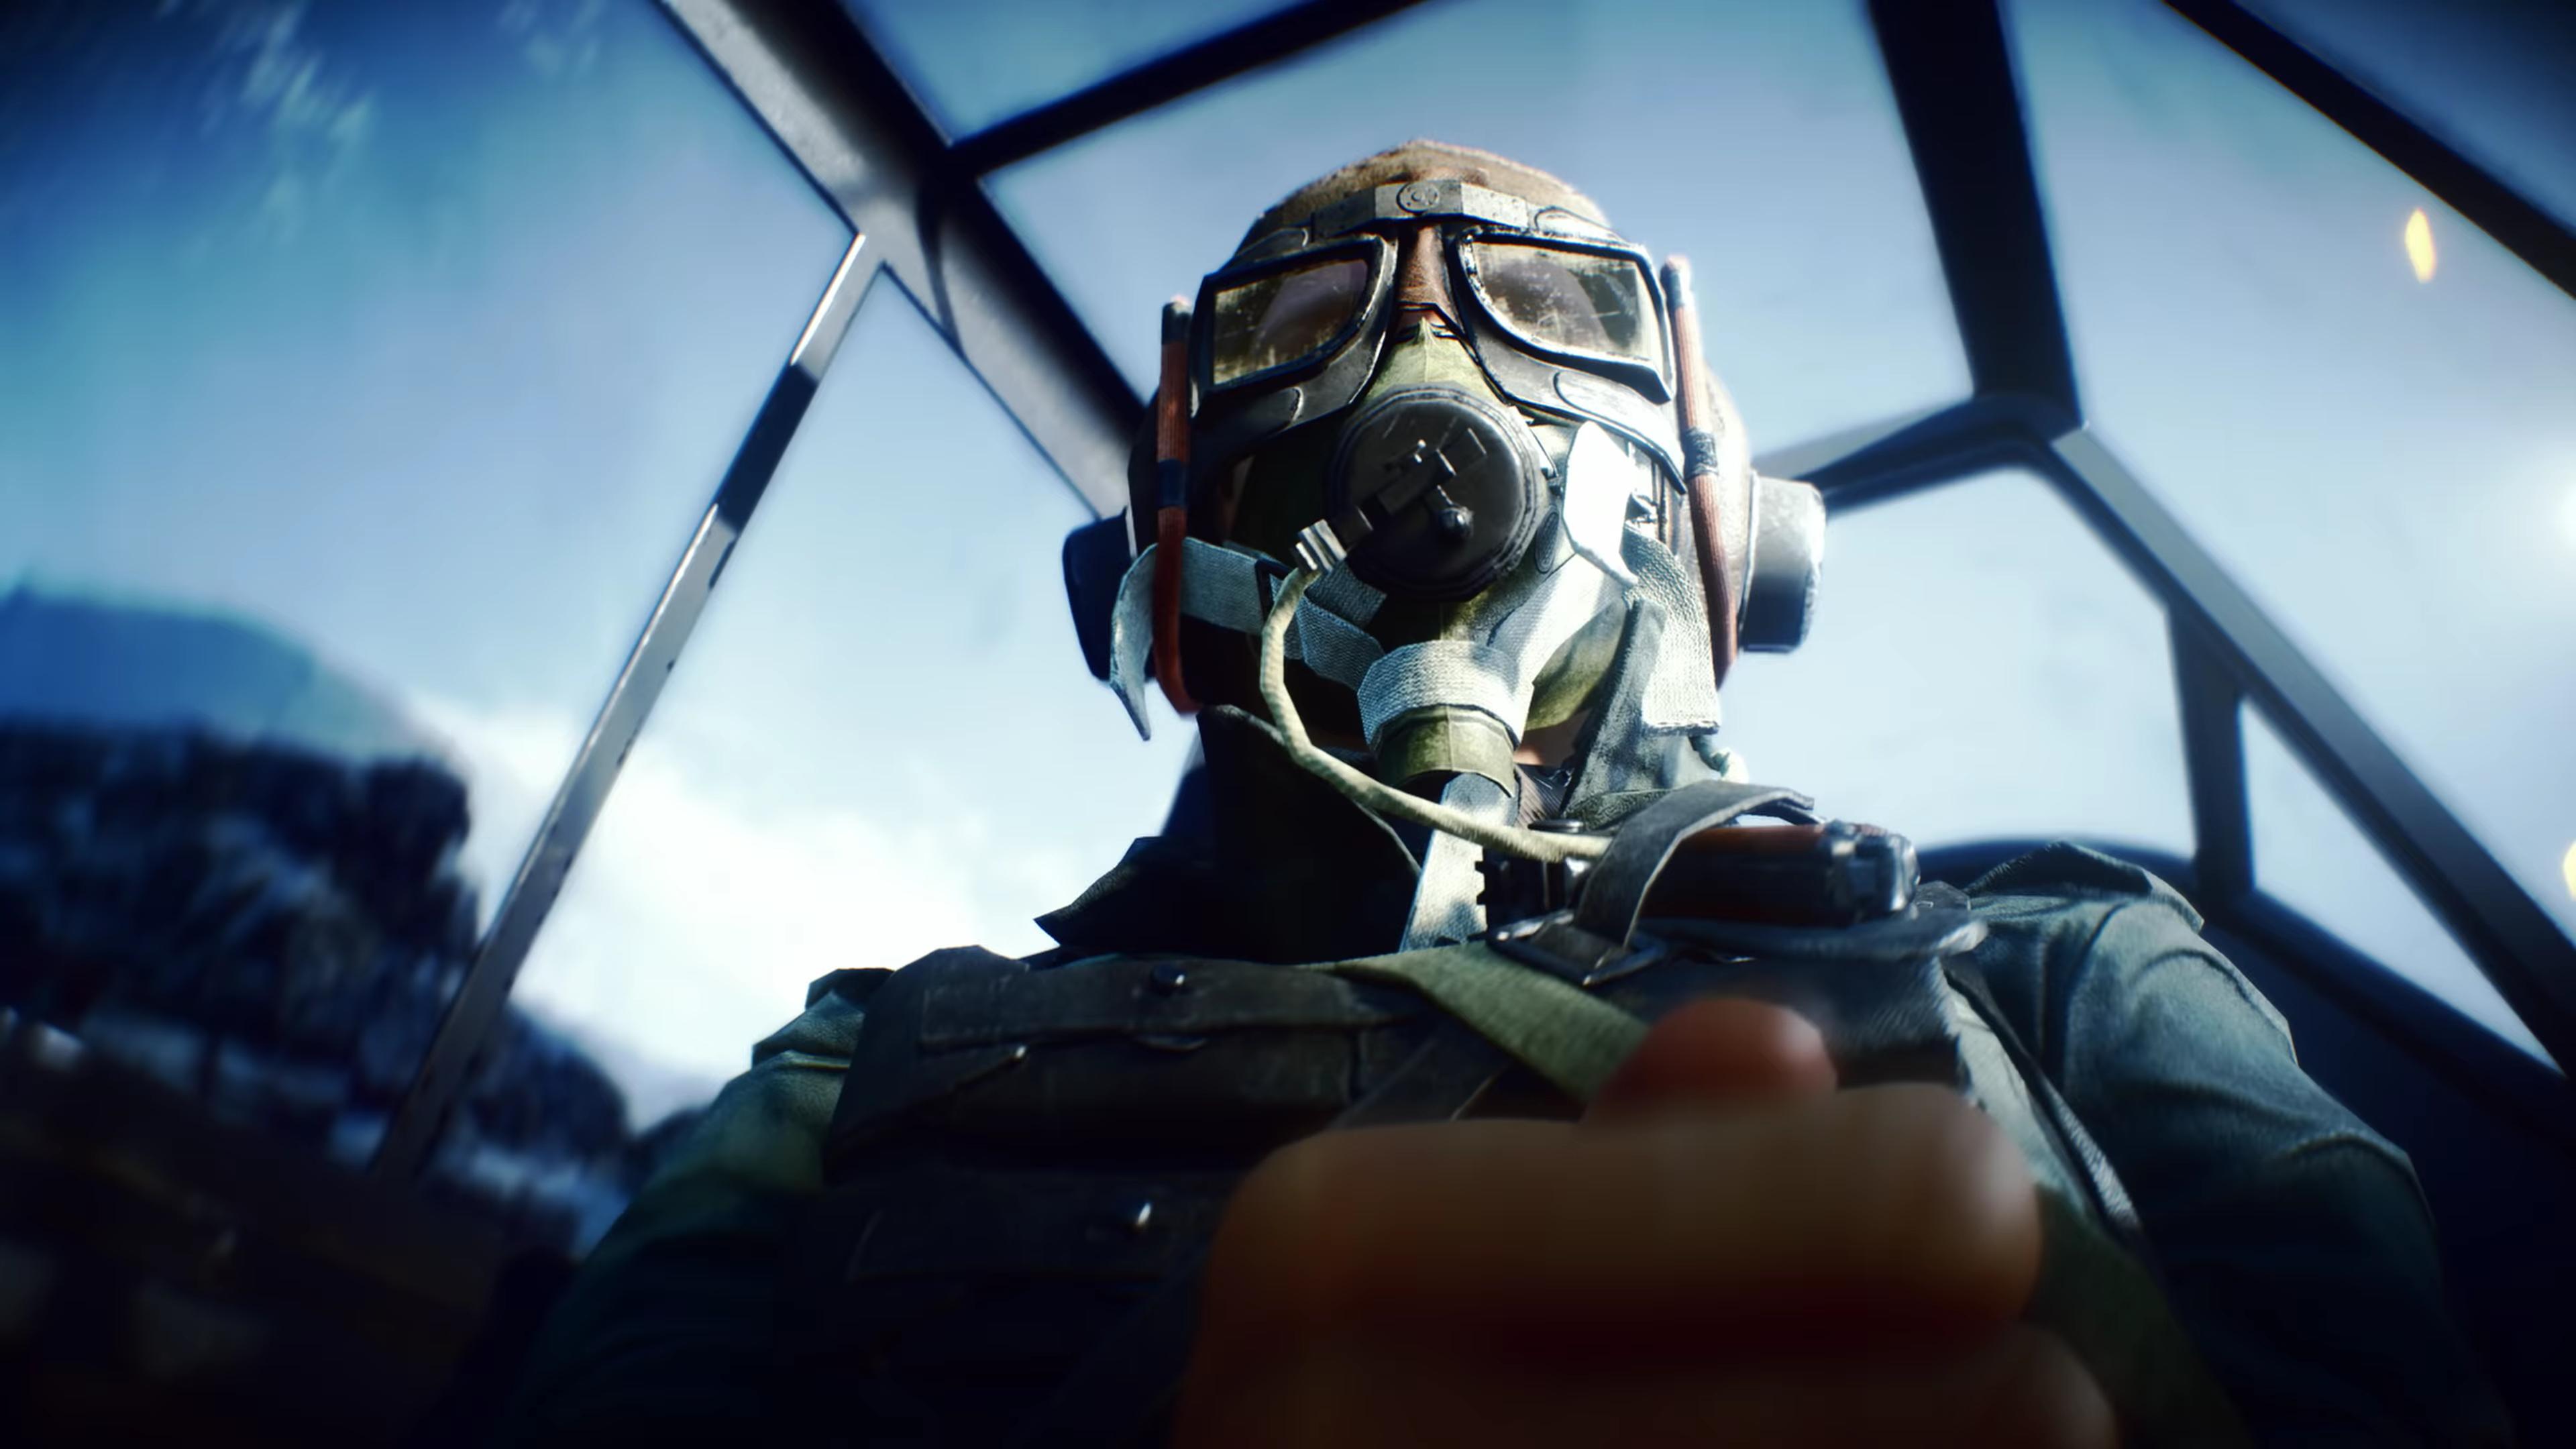 Battlefield 4 Wallpaper Hd Battlefield V 4k 8k Hd Wallpaper 2